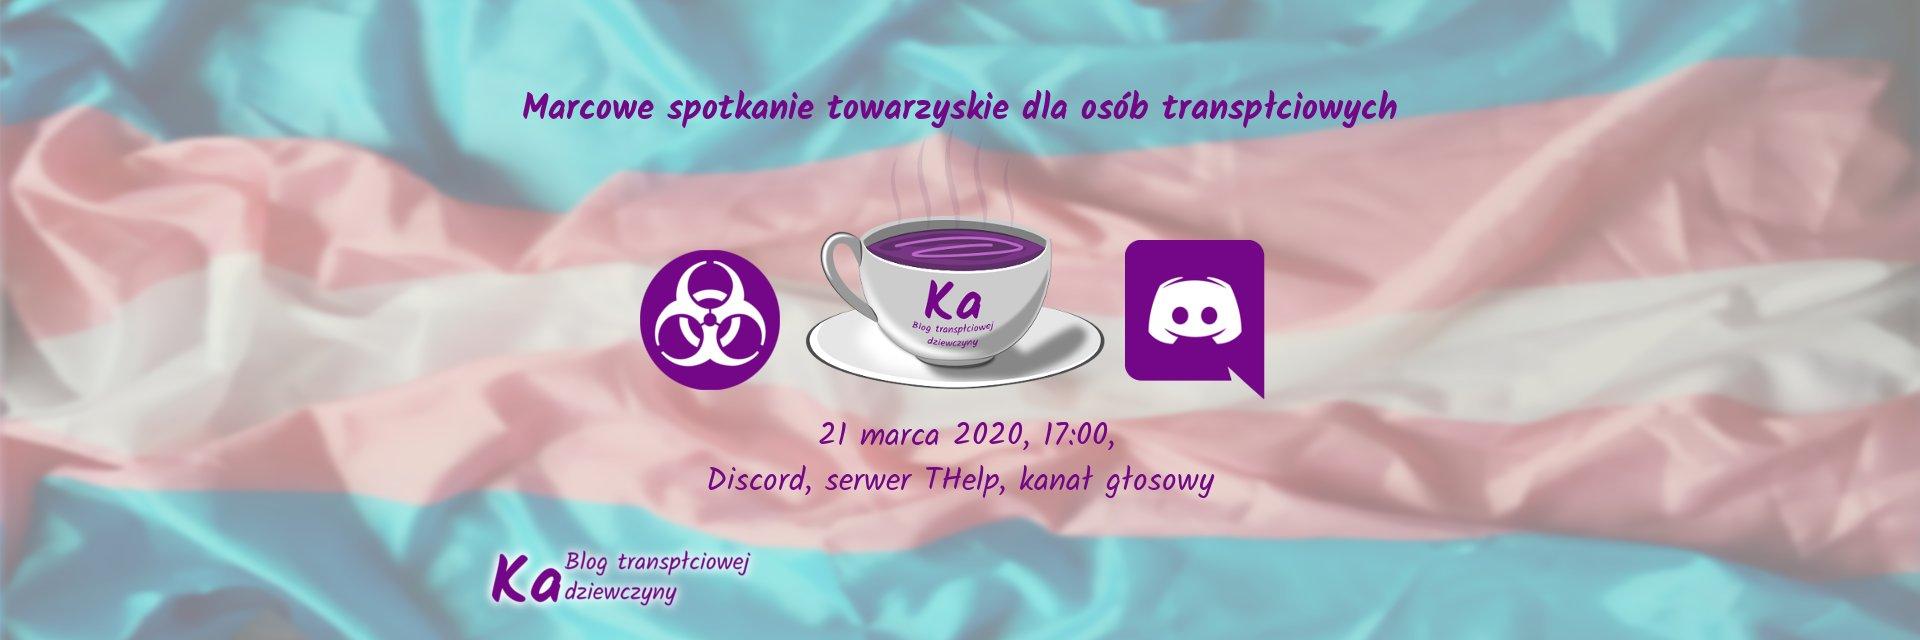 Marcowe spotkanie towarzyskie 2020 - na Discord THelp